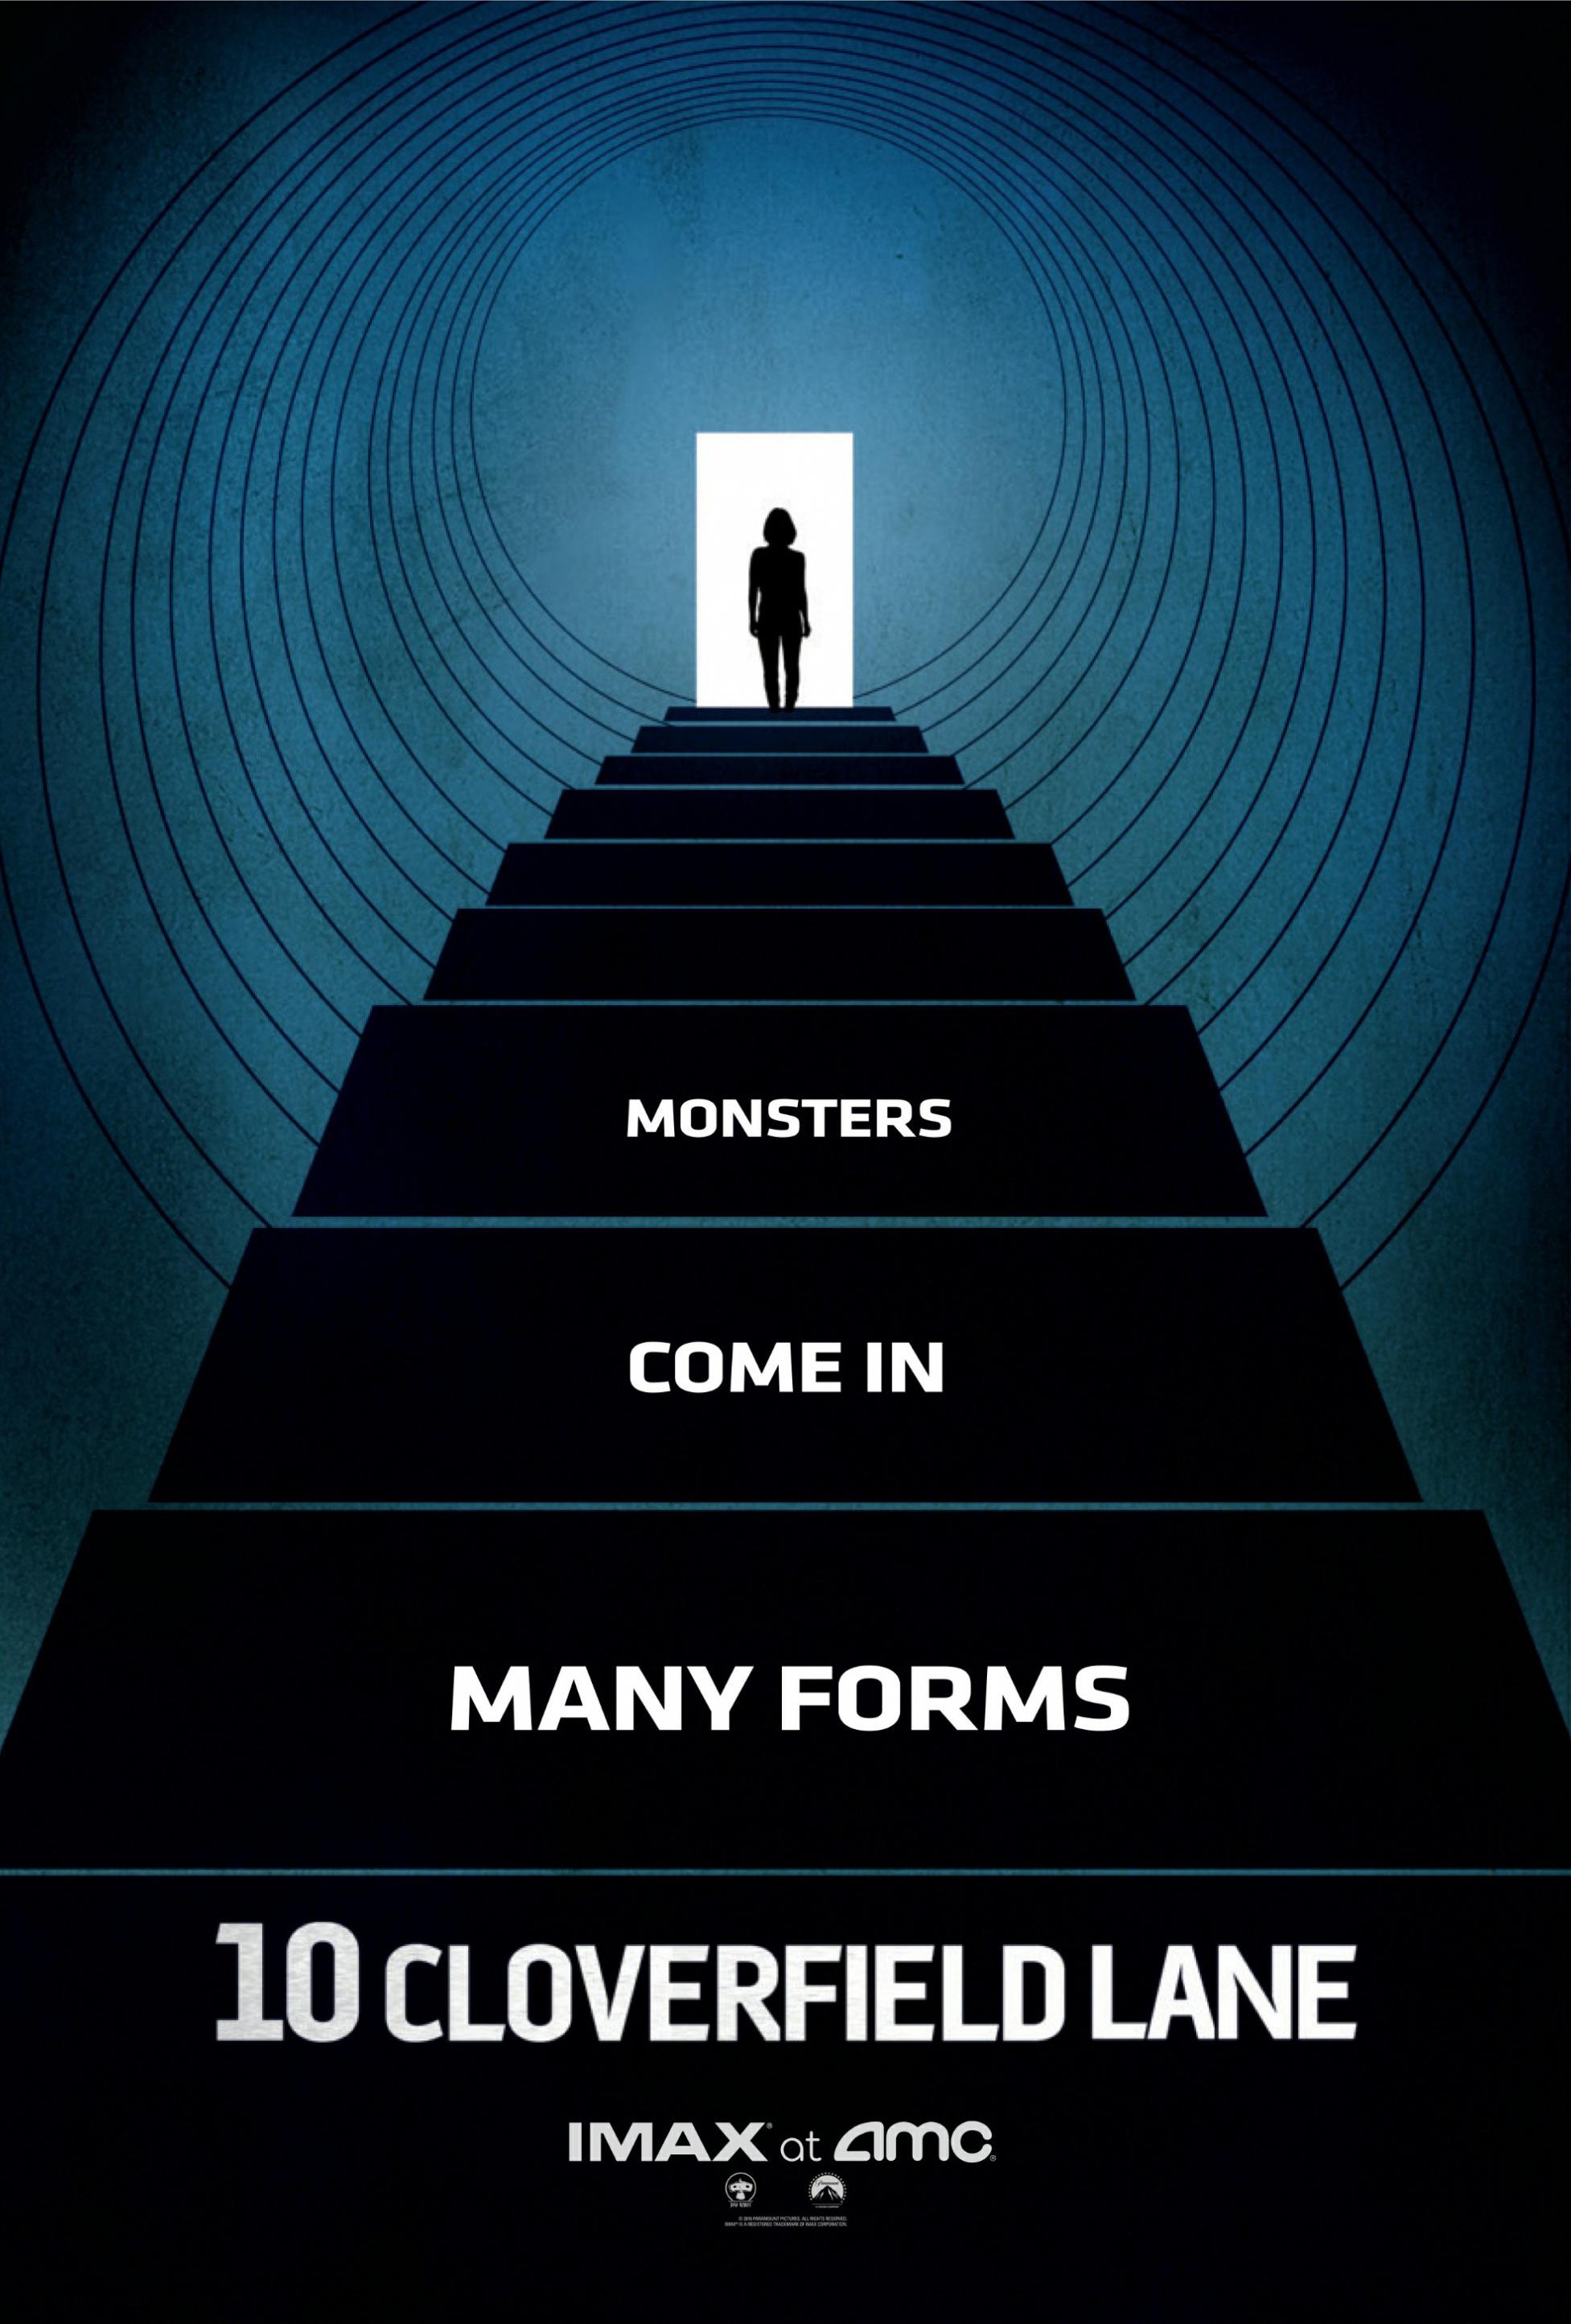 top-20-des-plus-belles-affiches-de-films-de-annee-2016-folkr-18-ten-cloverfield-lane